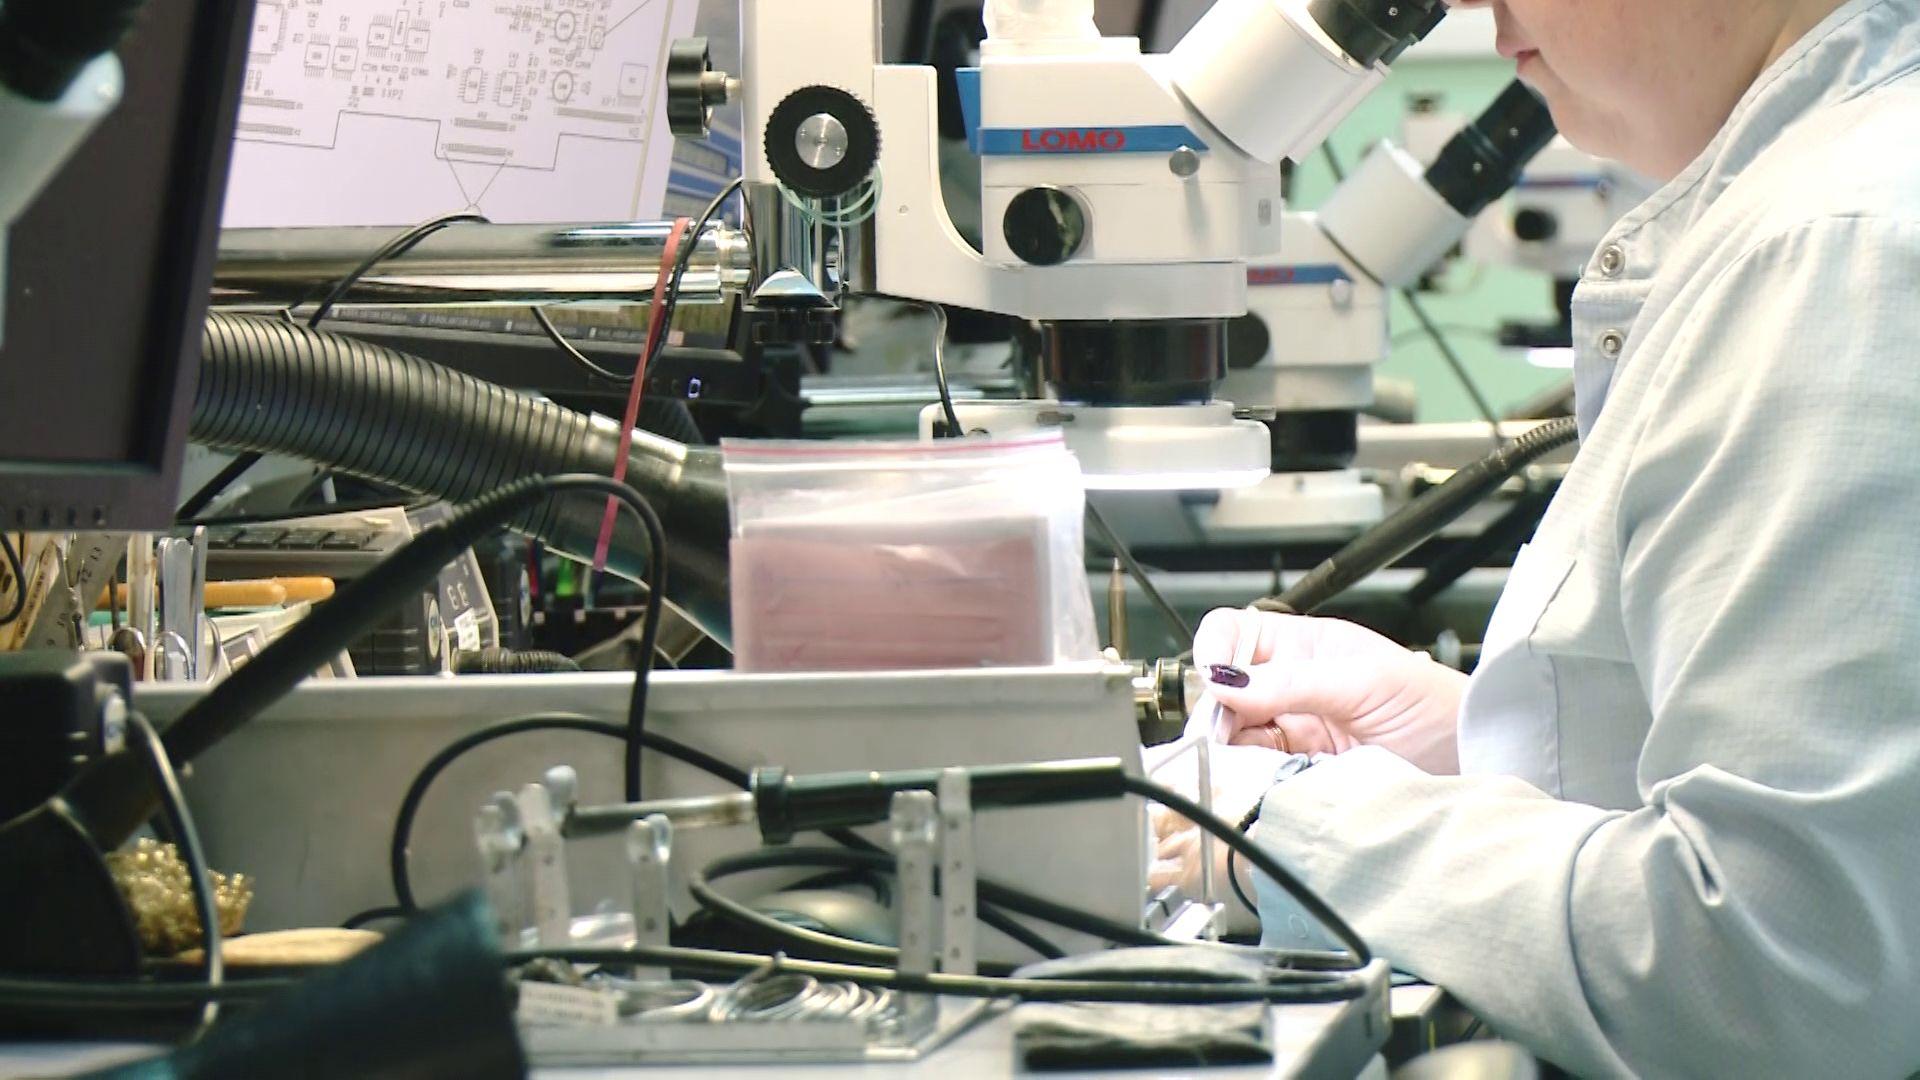 Ярославль принимает преподавателей радиотехнических вузов и руководство научных институтов со всей страны